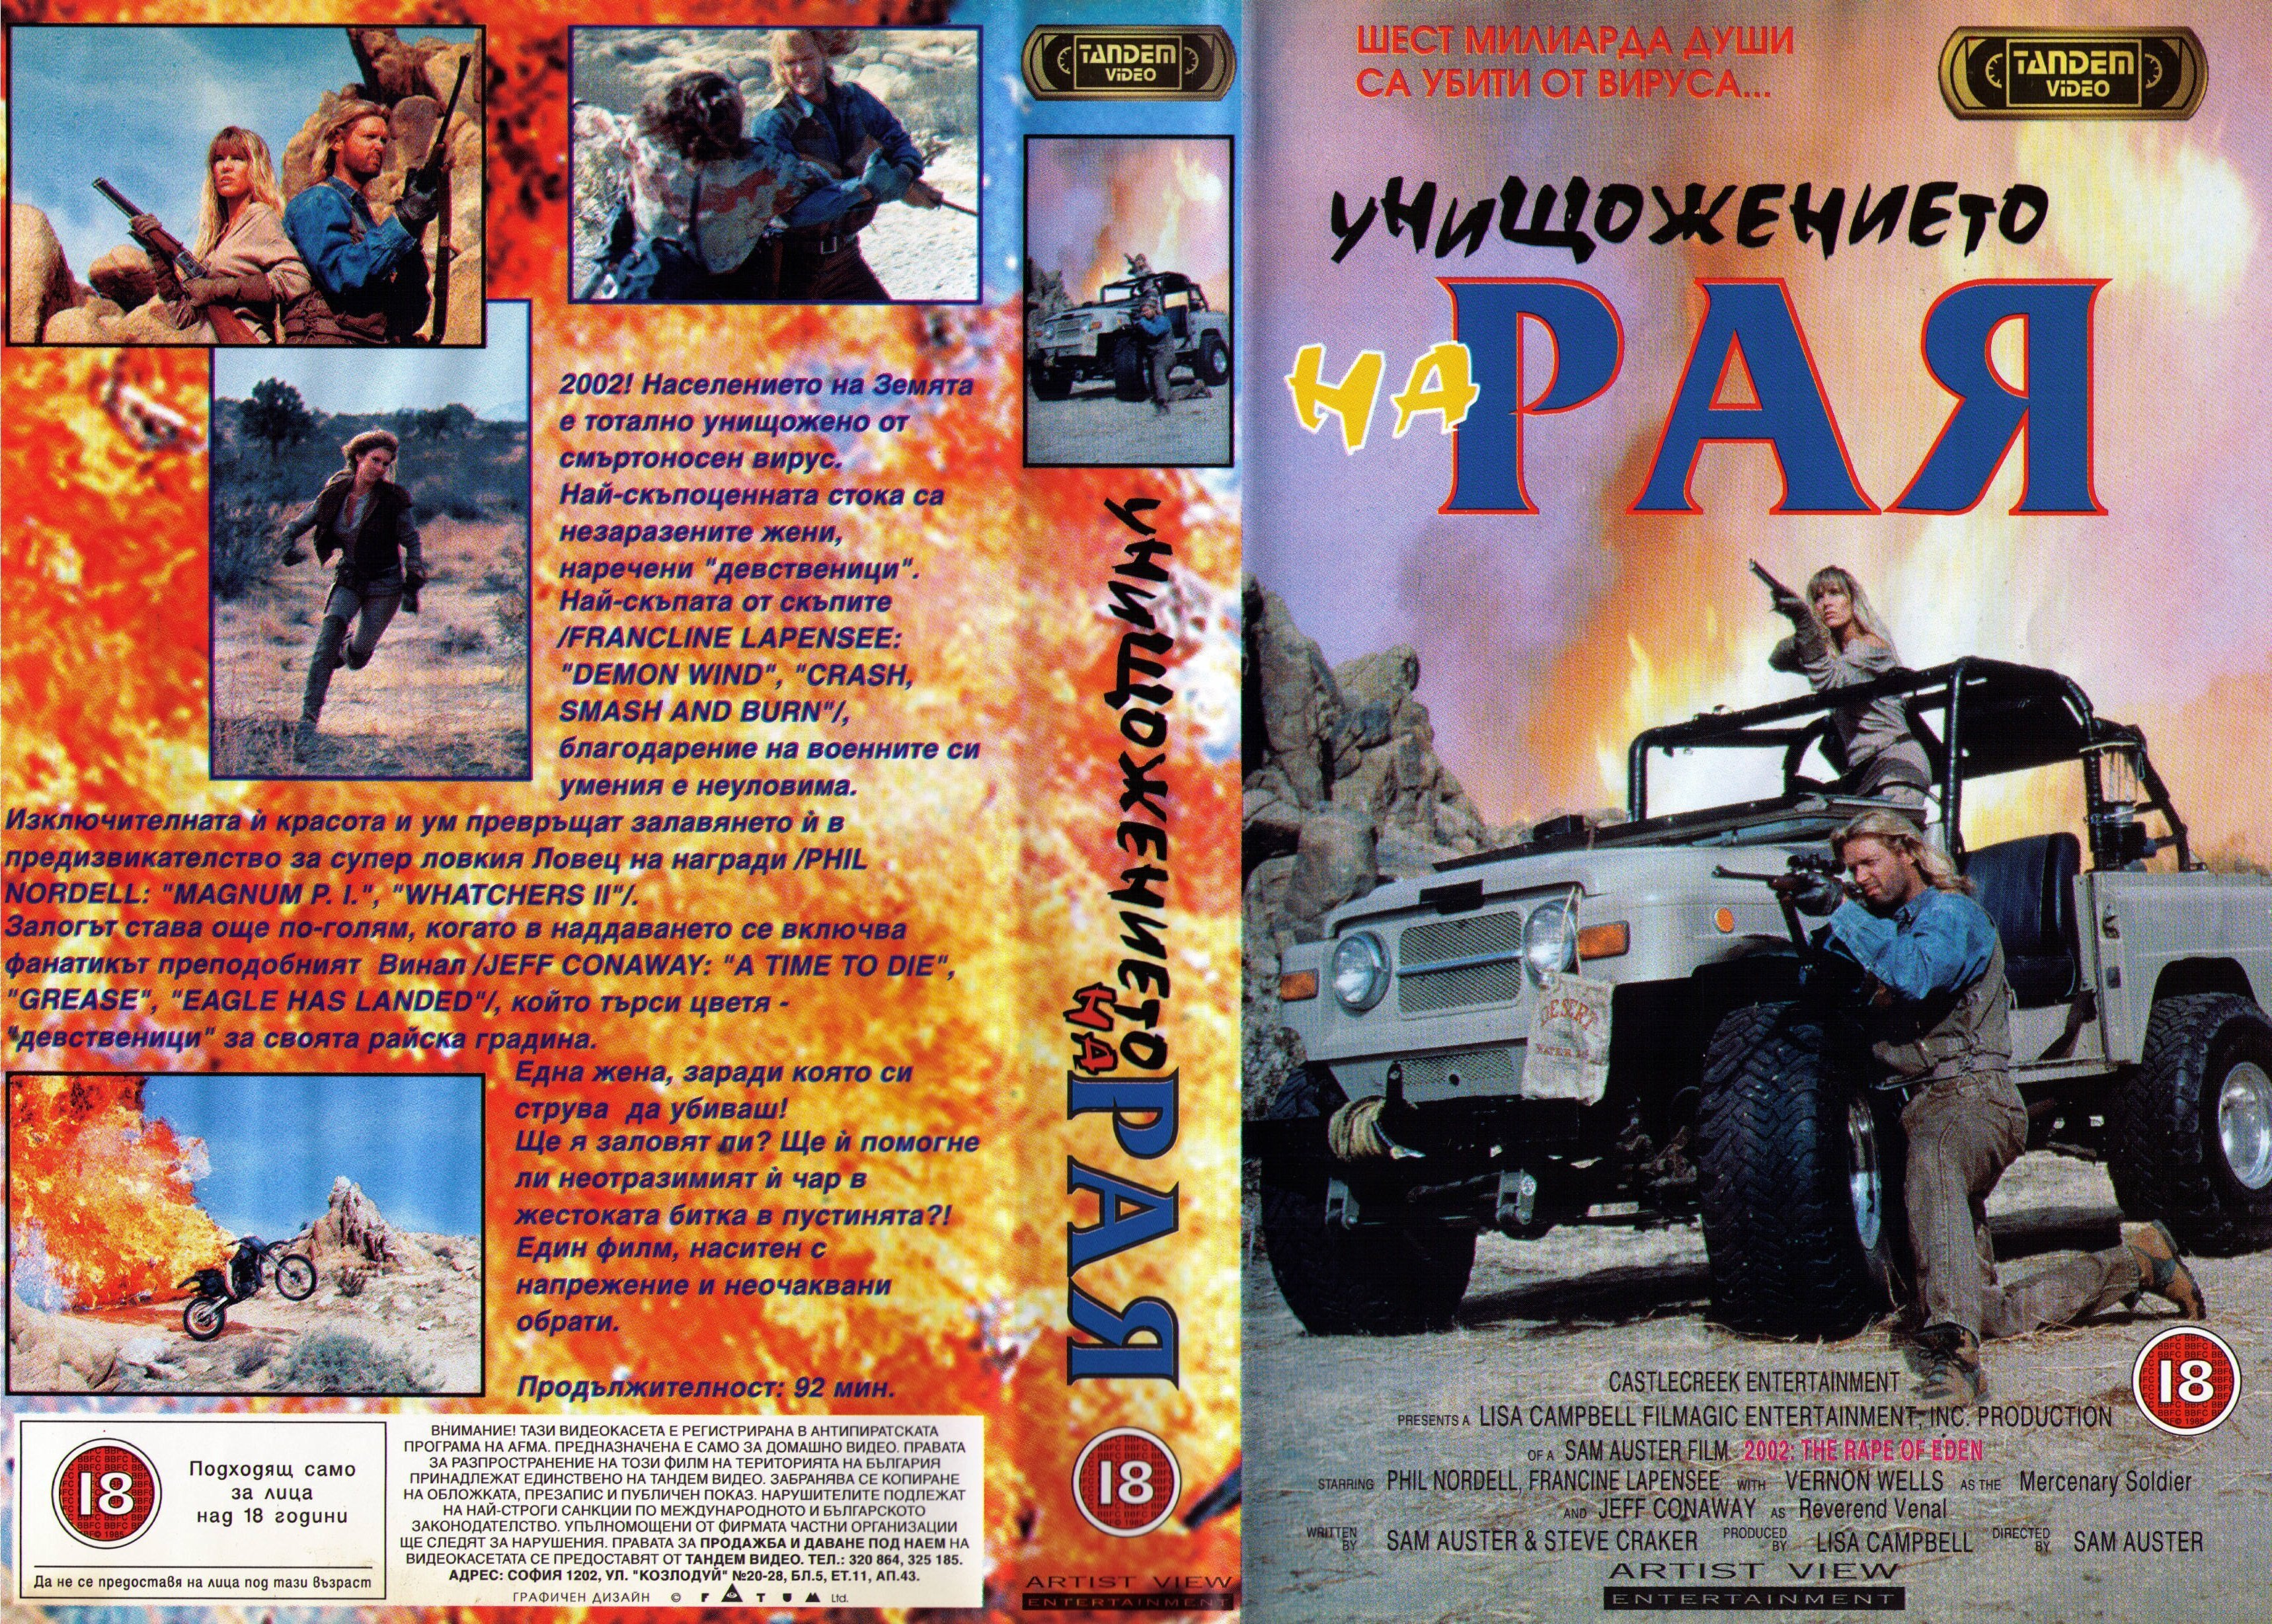 Унищожението на рая филм постер